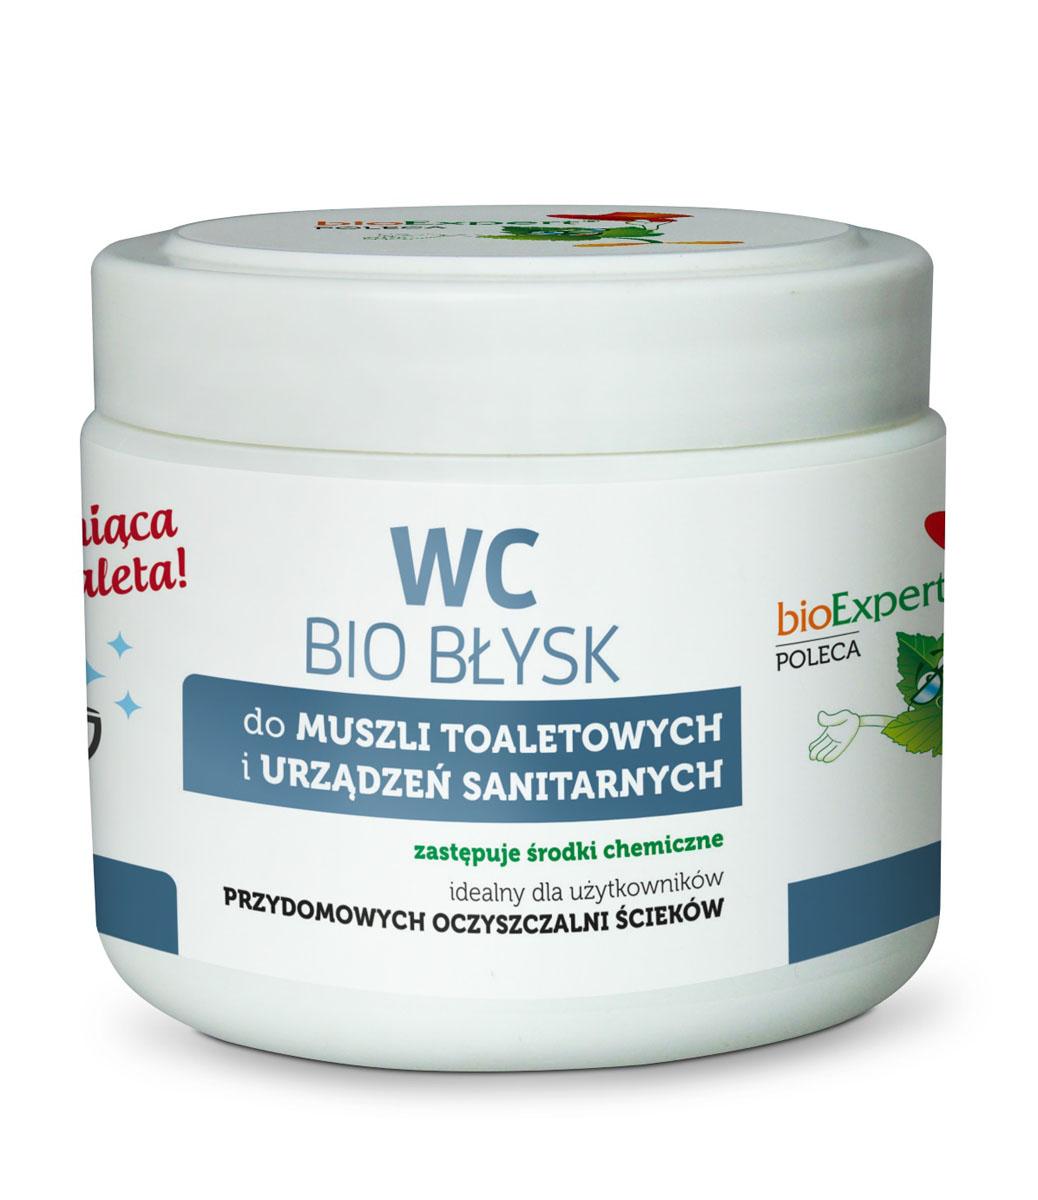 Средство биологическое bioExpert, для мытья унитазов и раковин, 4 х 50 г00000000061Бактериально-ферментный препарат bioExpert изготовлен в виде саше, который растворяется в воде. Средство, ограничивающее возникновение неприятных запахов, предназначено для мытья унитазов и раковин. Удаляет органические и минеральные осадки, а также известковый налет.В упаковке 4 саше по 50 грамм.Как выбрать качественную бытовую химию, безопасную для природы и людей. Статья OZON Гид